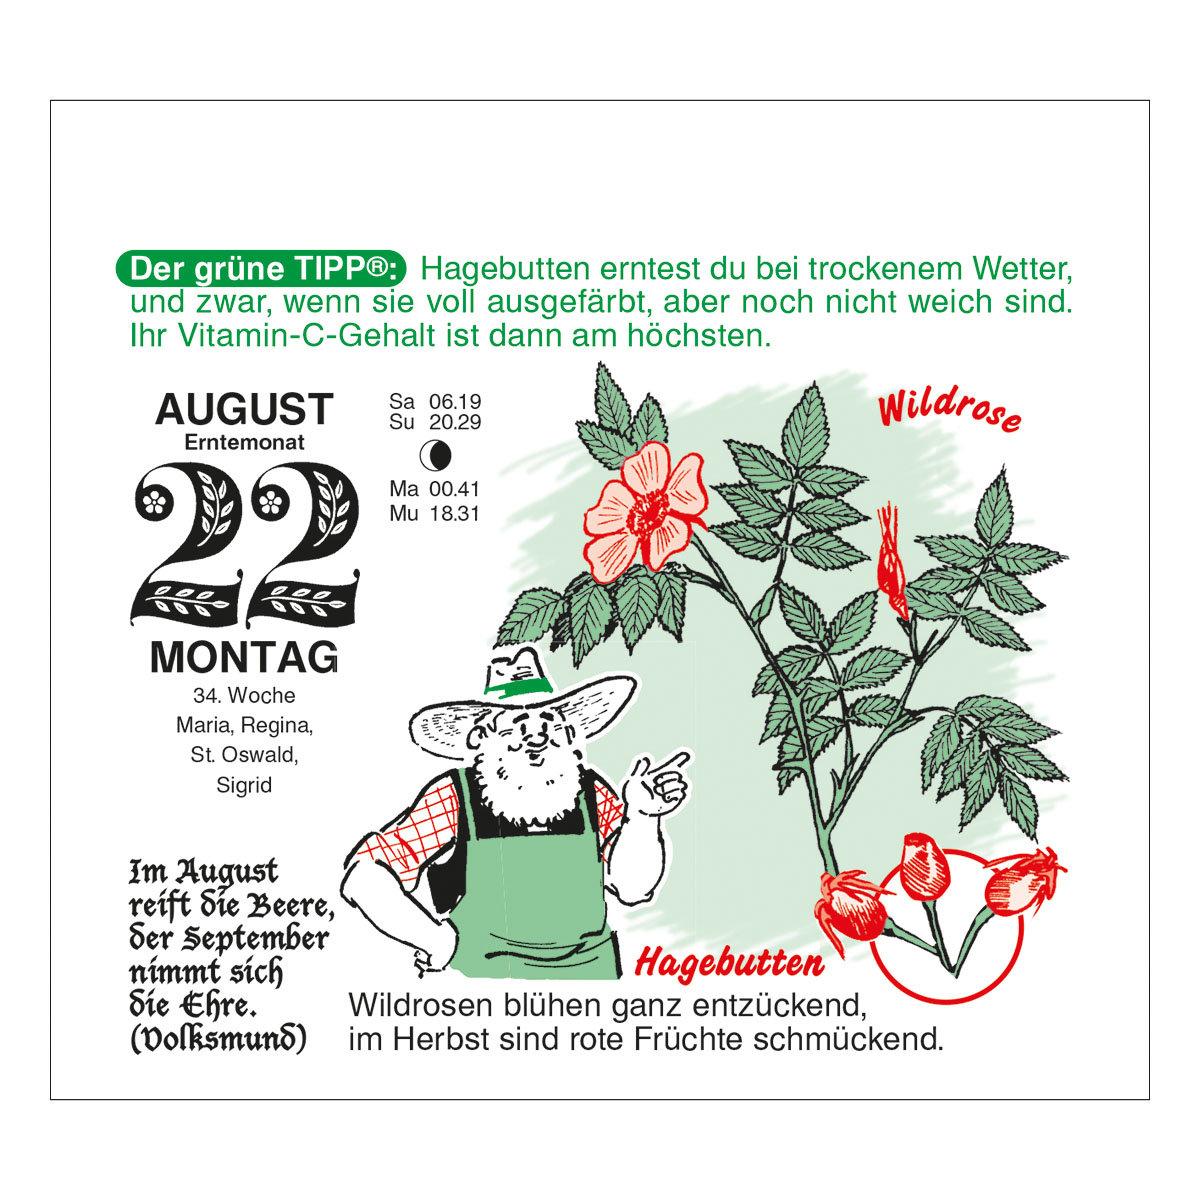 Abreißkalender Der große Grüne Wink®   #7